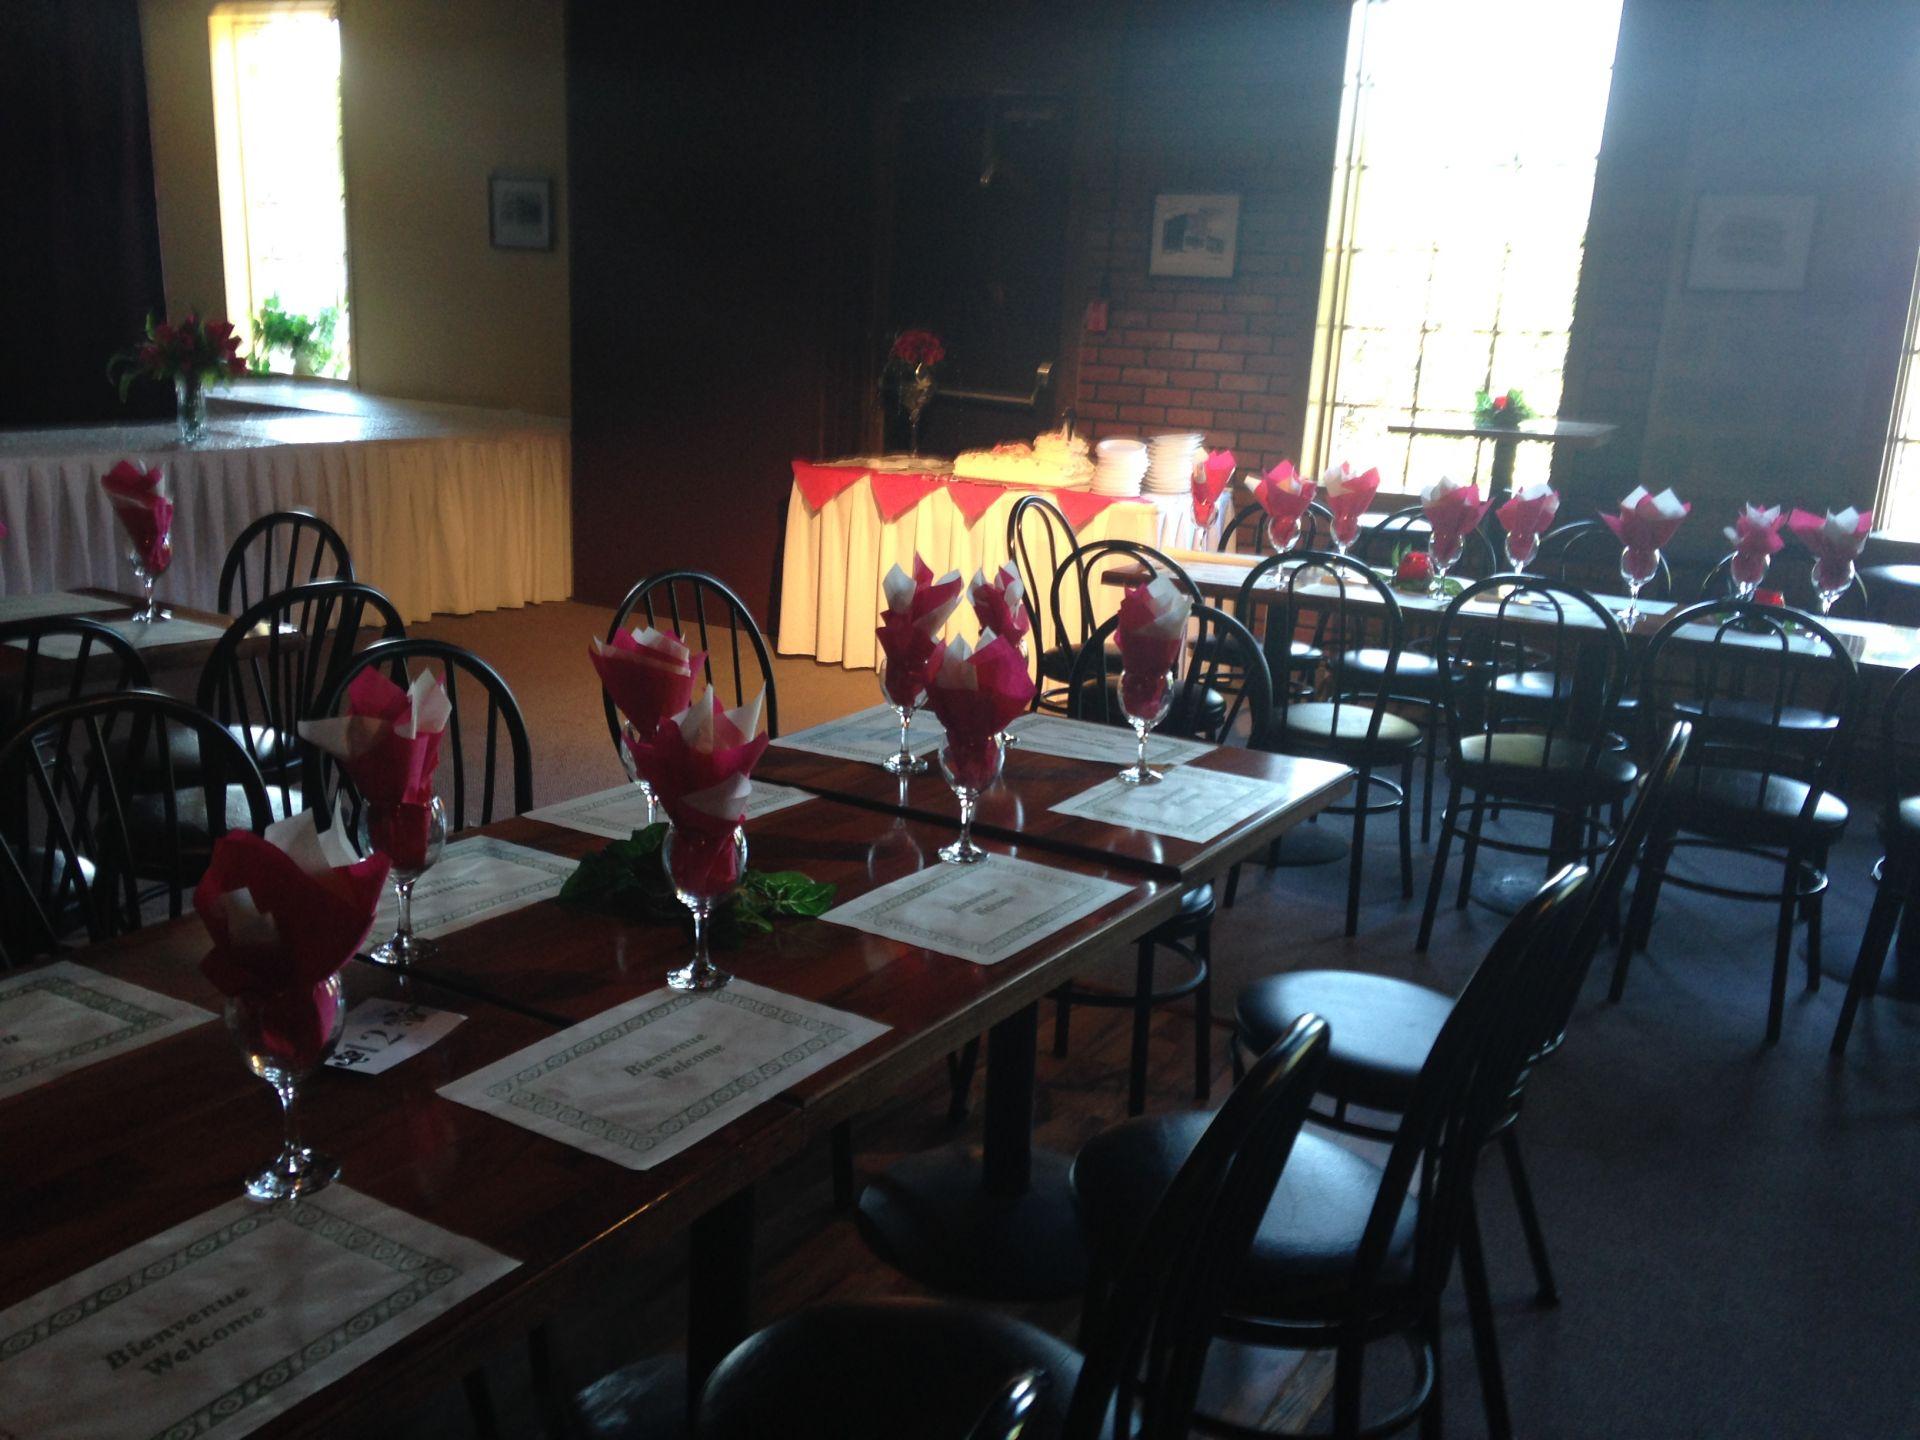 Location De Salle Monteregie Granby A Louer Salles Capacite Entre 250 Et 300 Personnes Debout